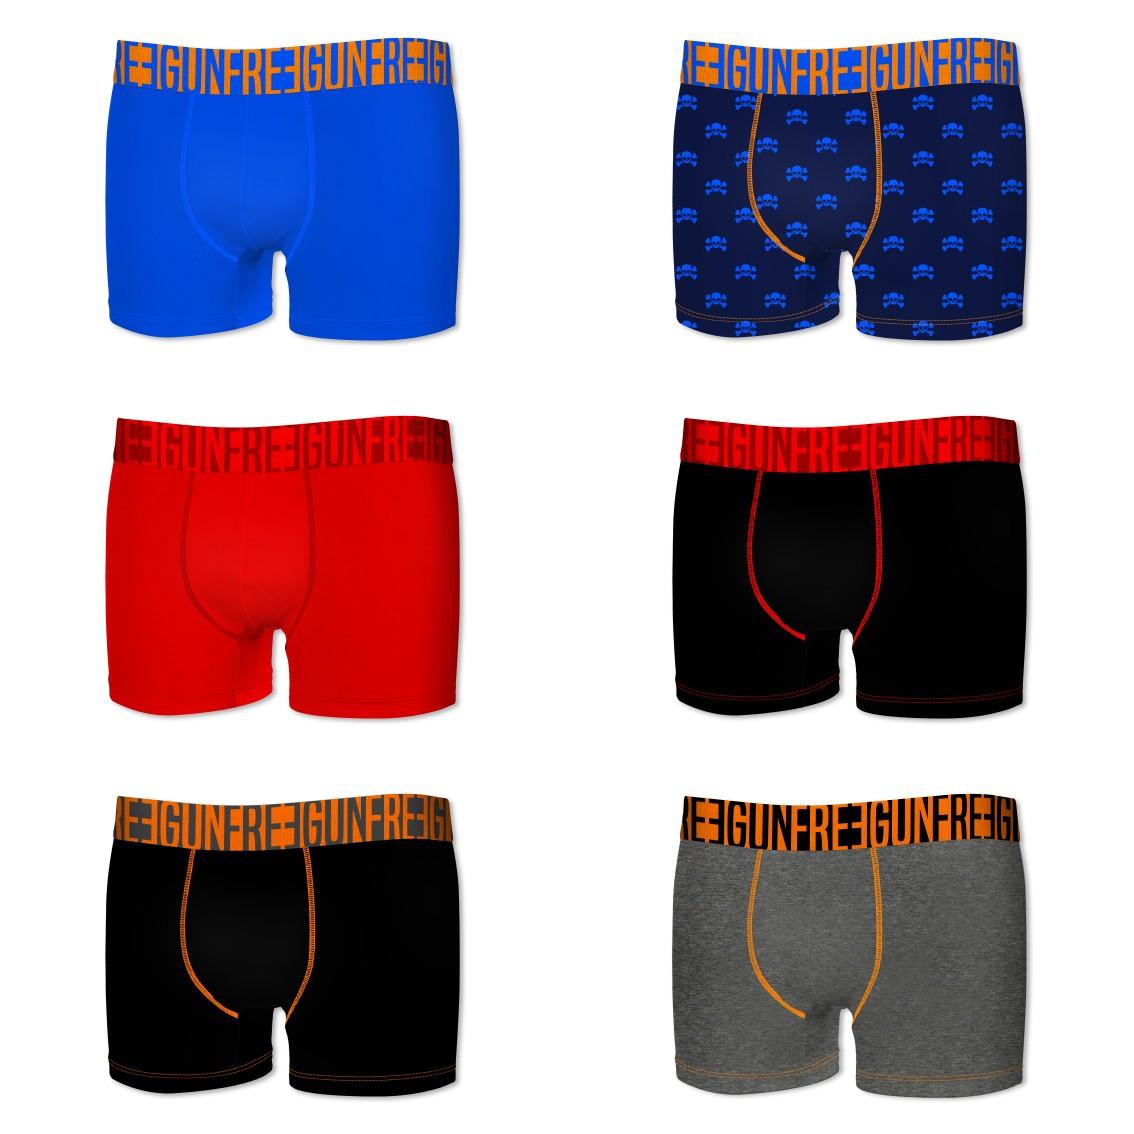 Lot de 6 boxers homme colors g1 (photo)